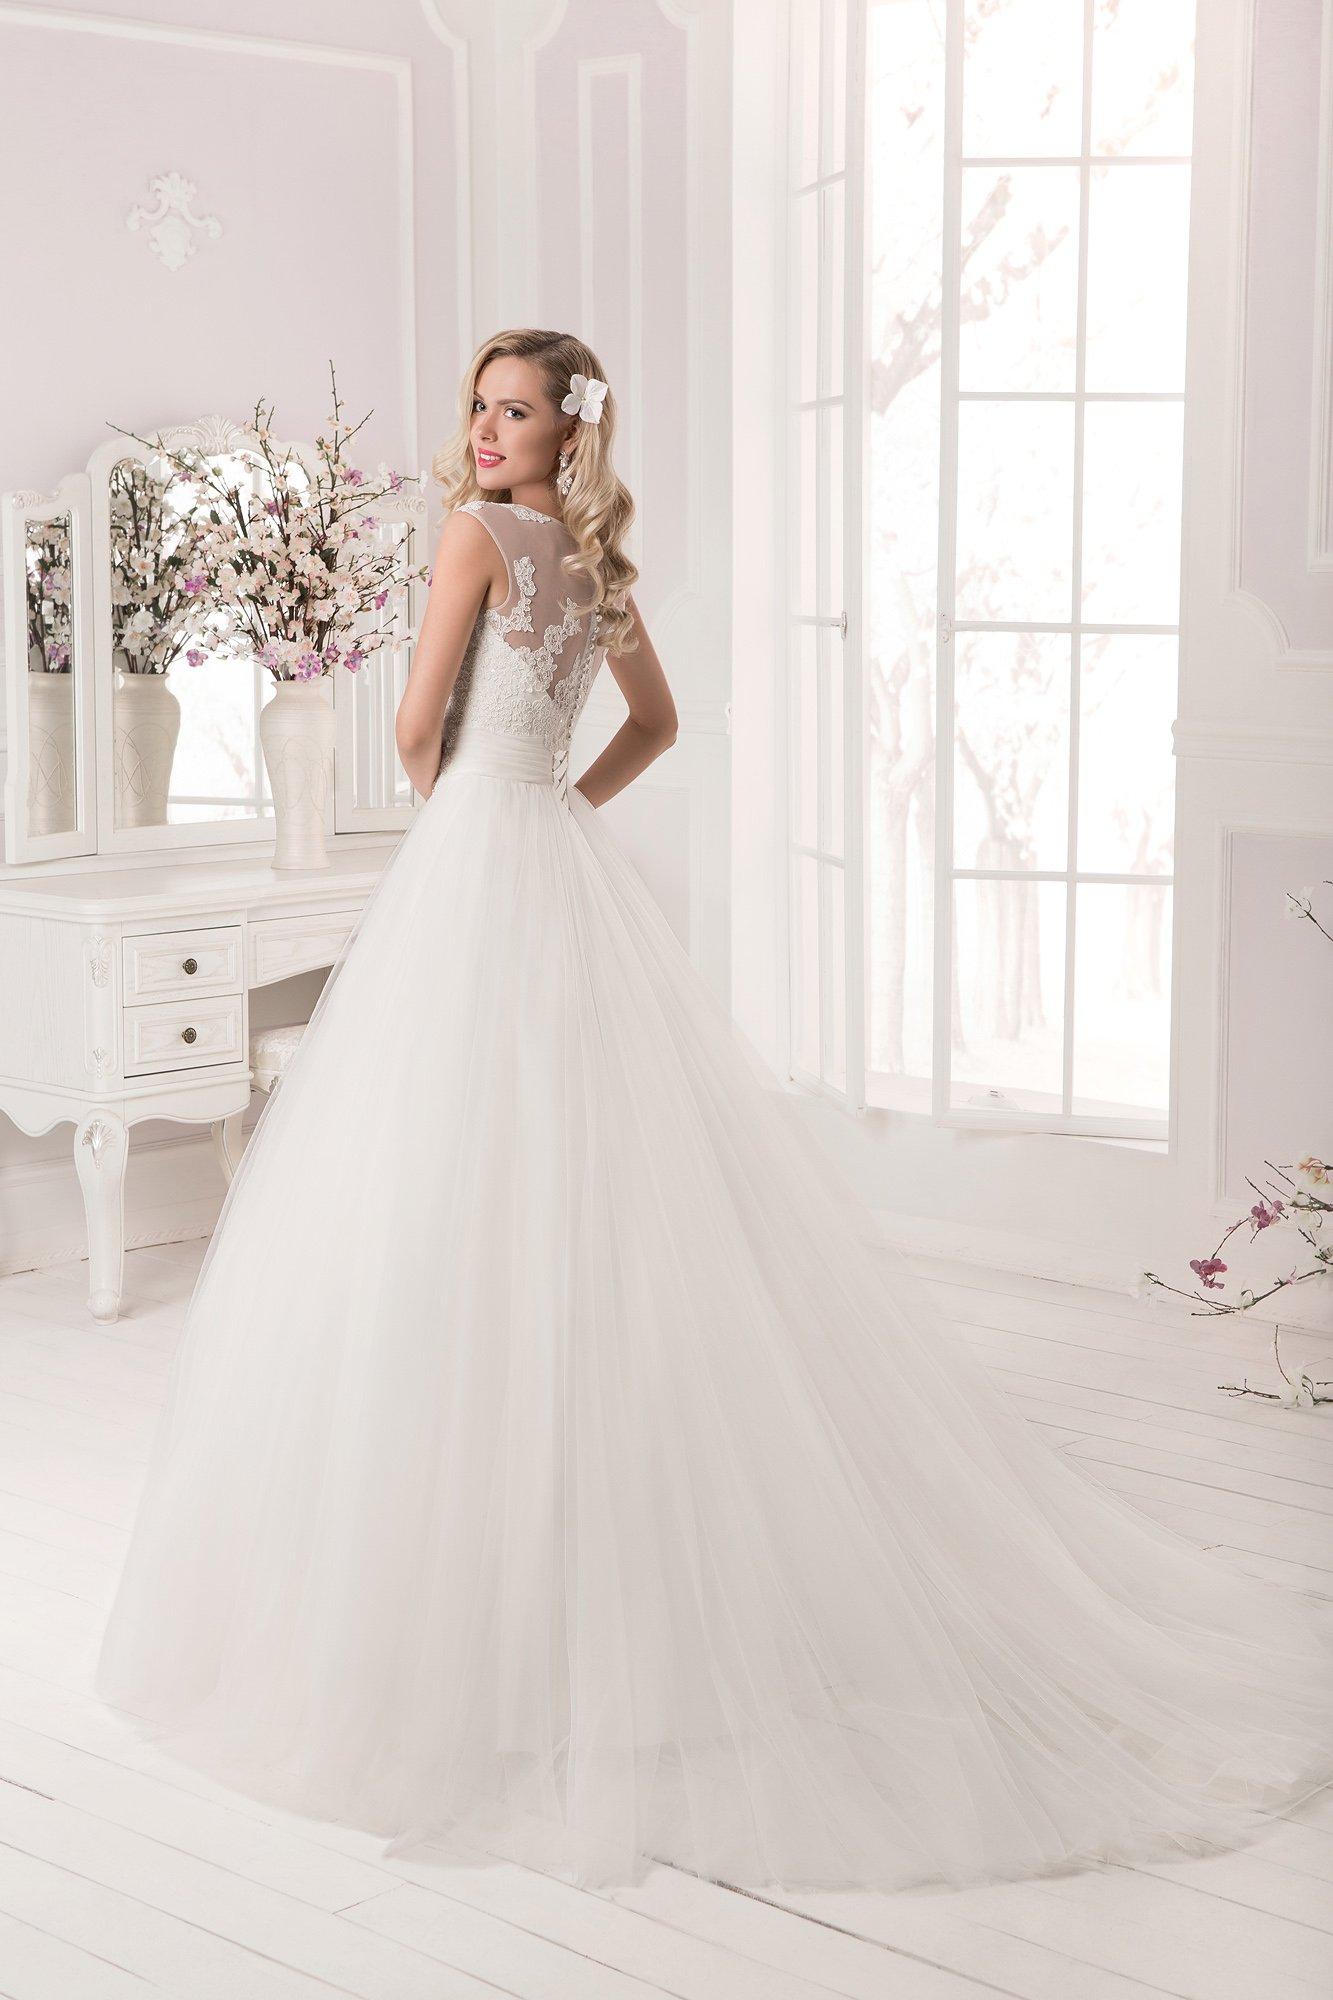 Романтичное свадебное платье с закрытым верхом и широким поясом.